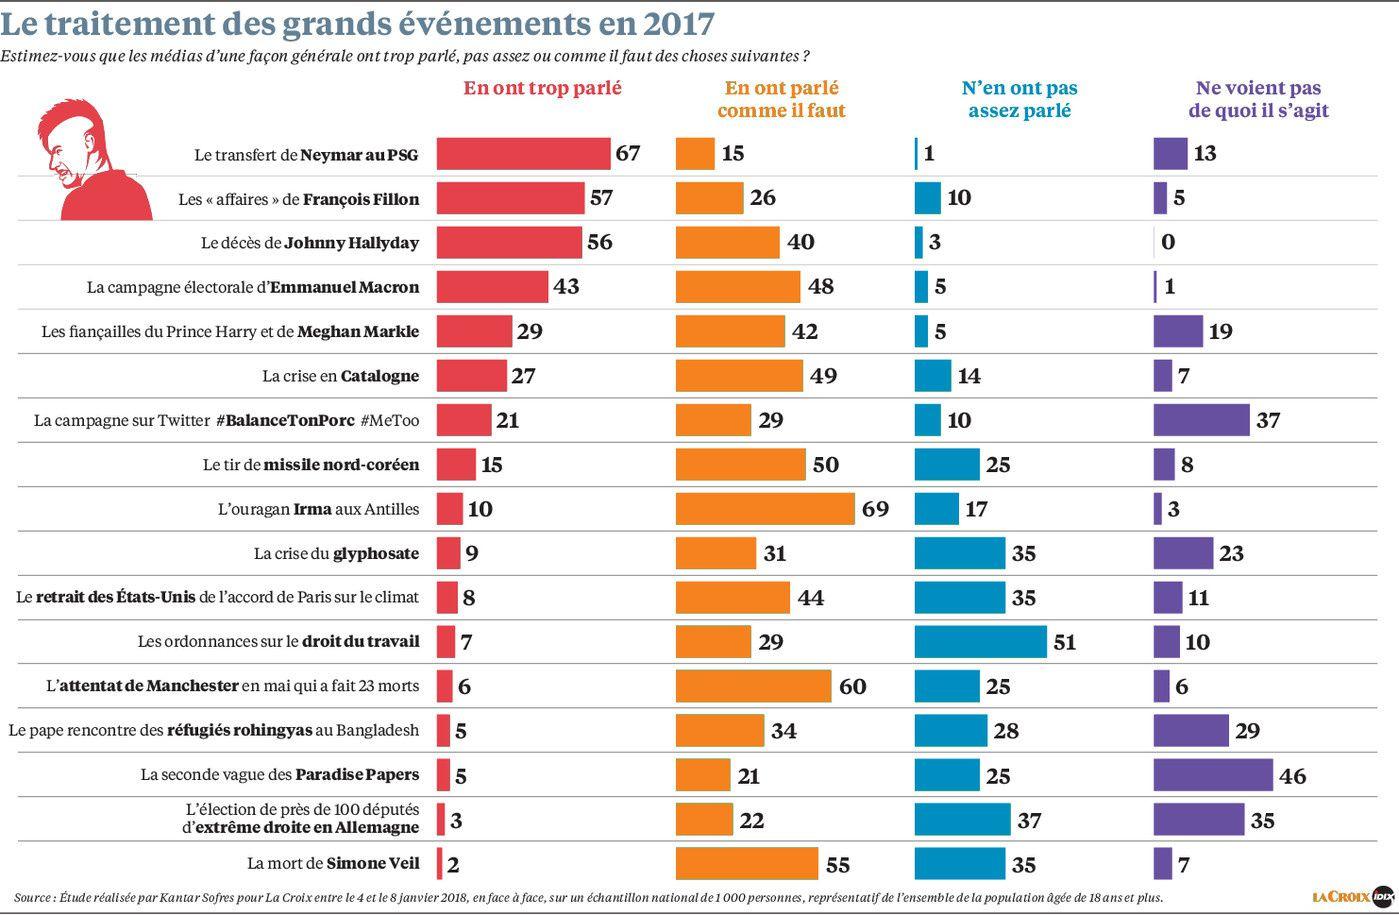 La confiance accordée aux médias traditionnels progresse en France.